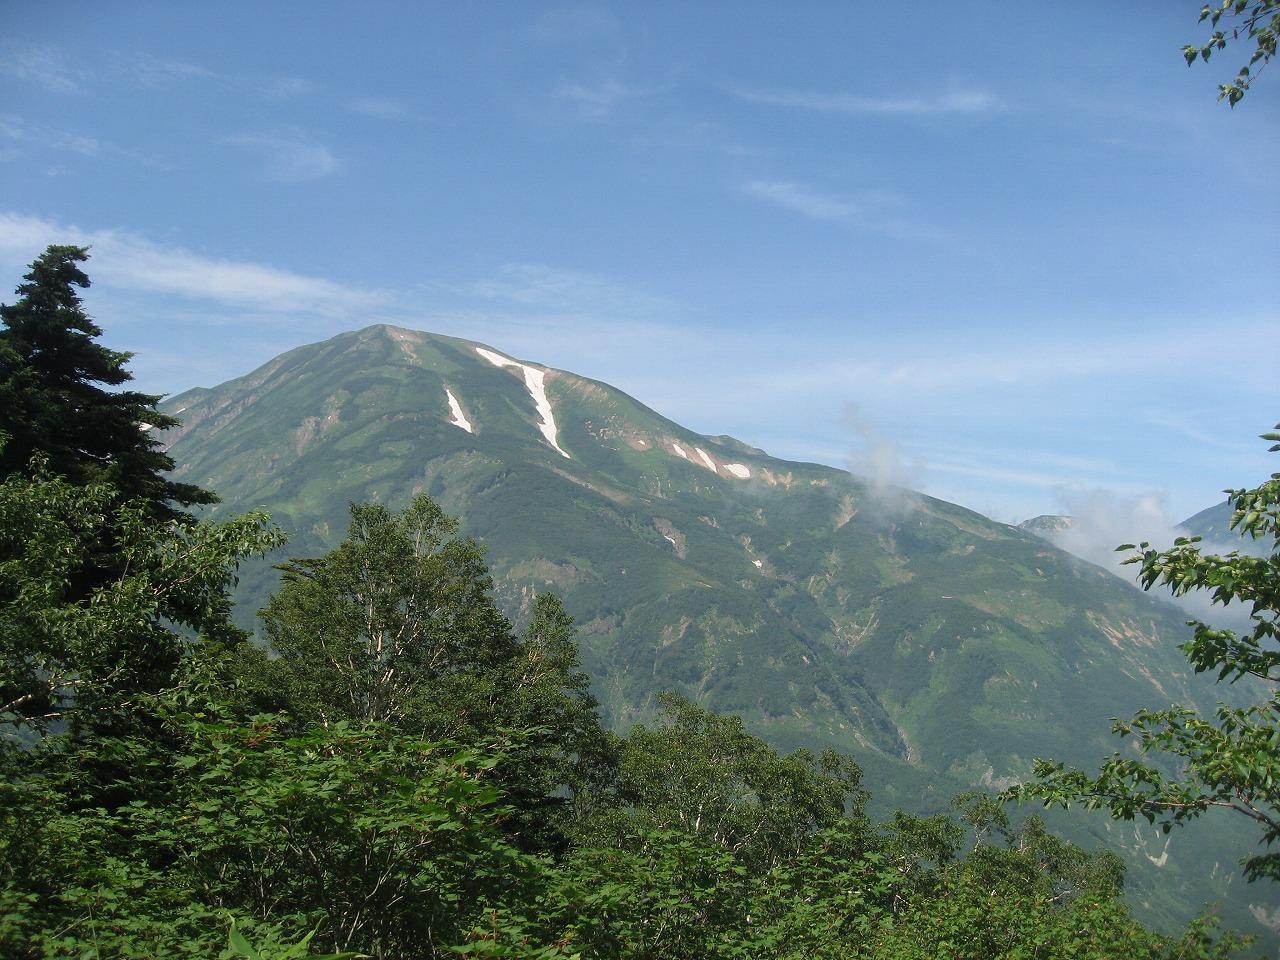 19-22 009 登山中からの風景